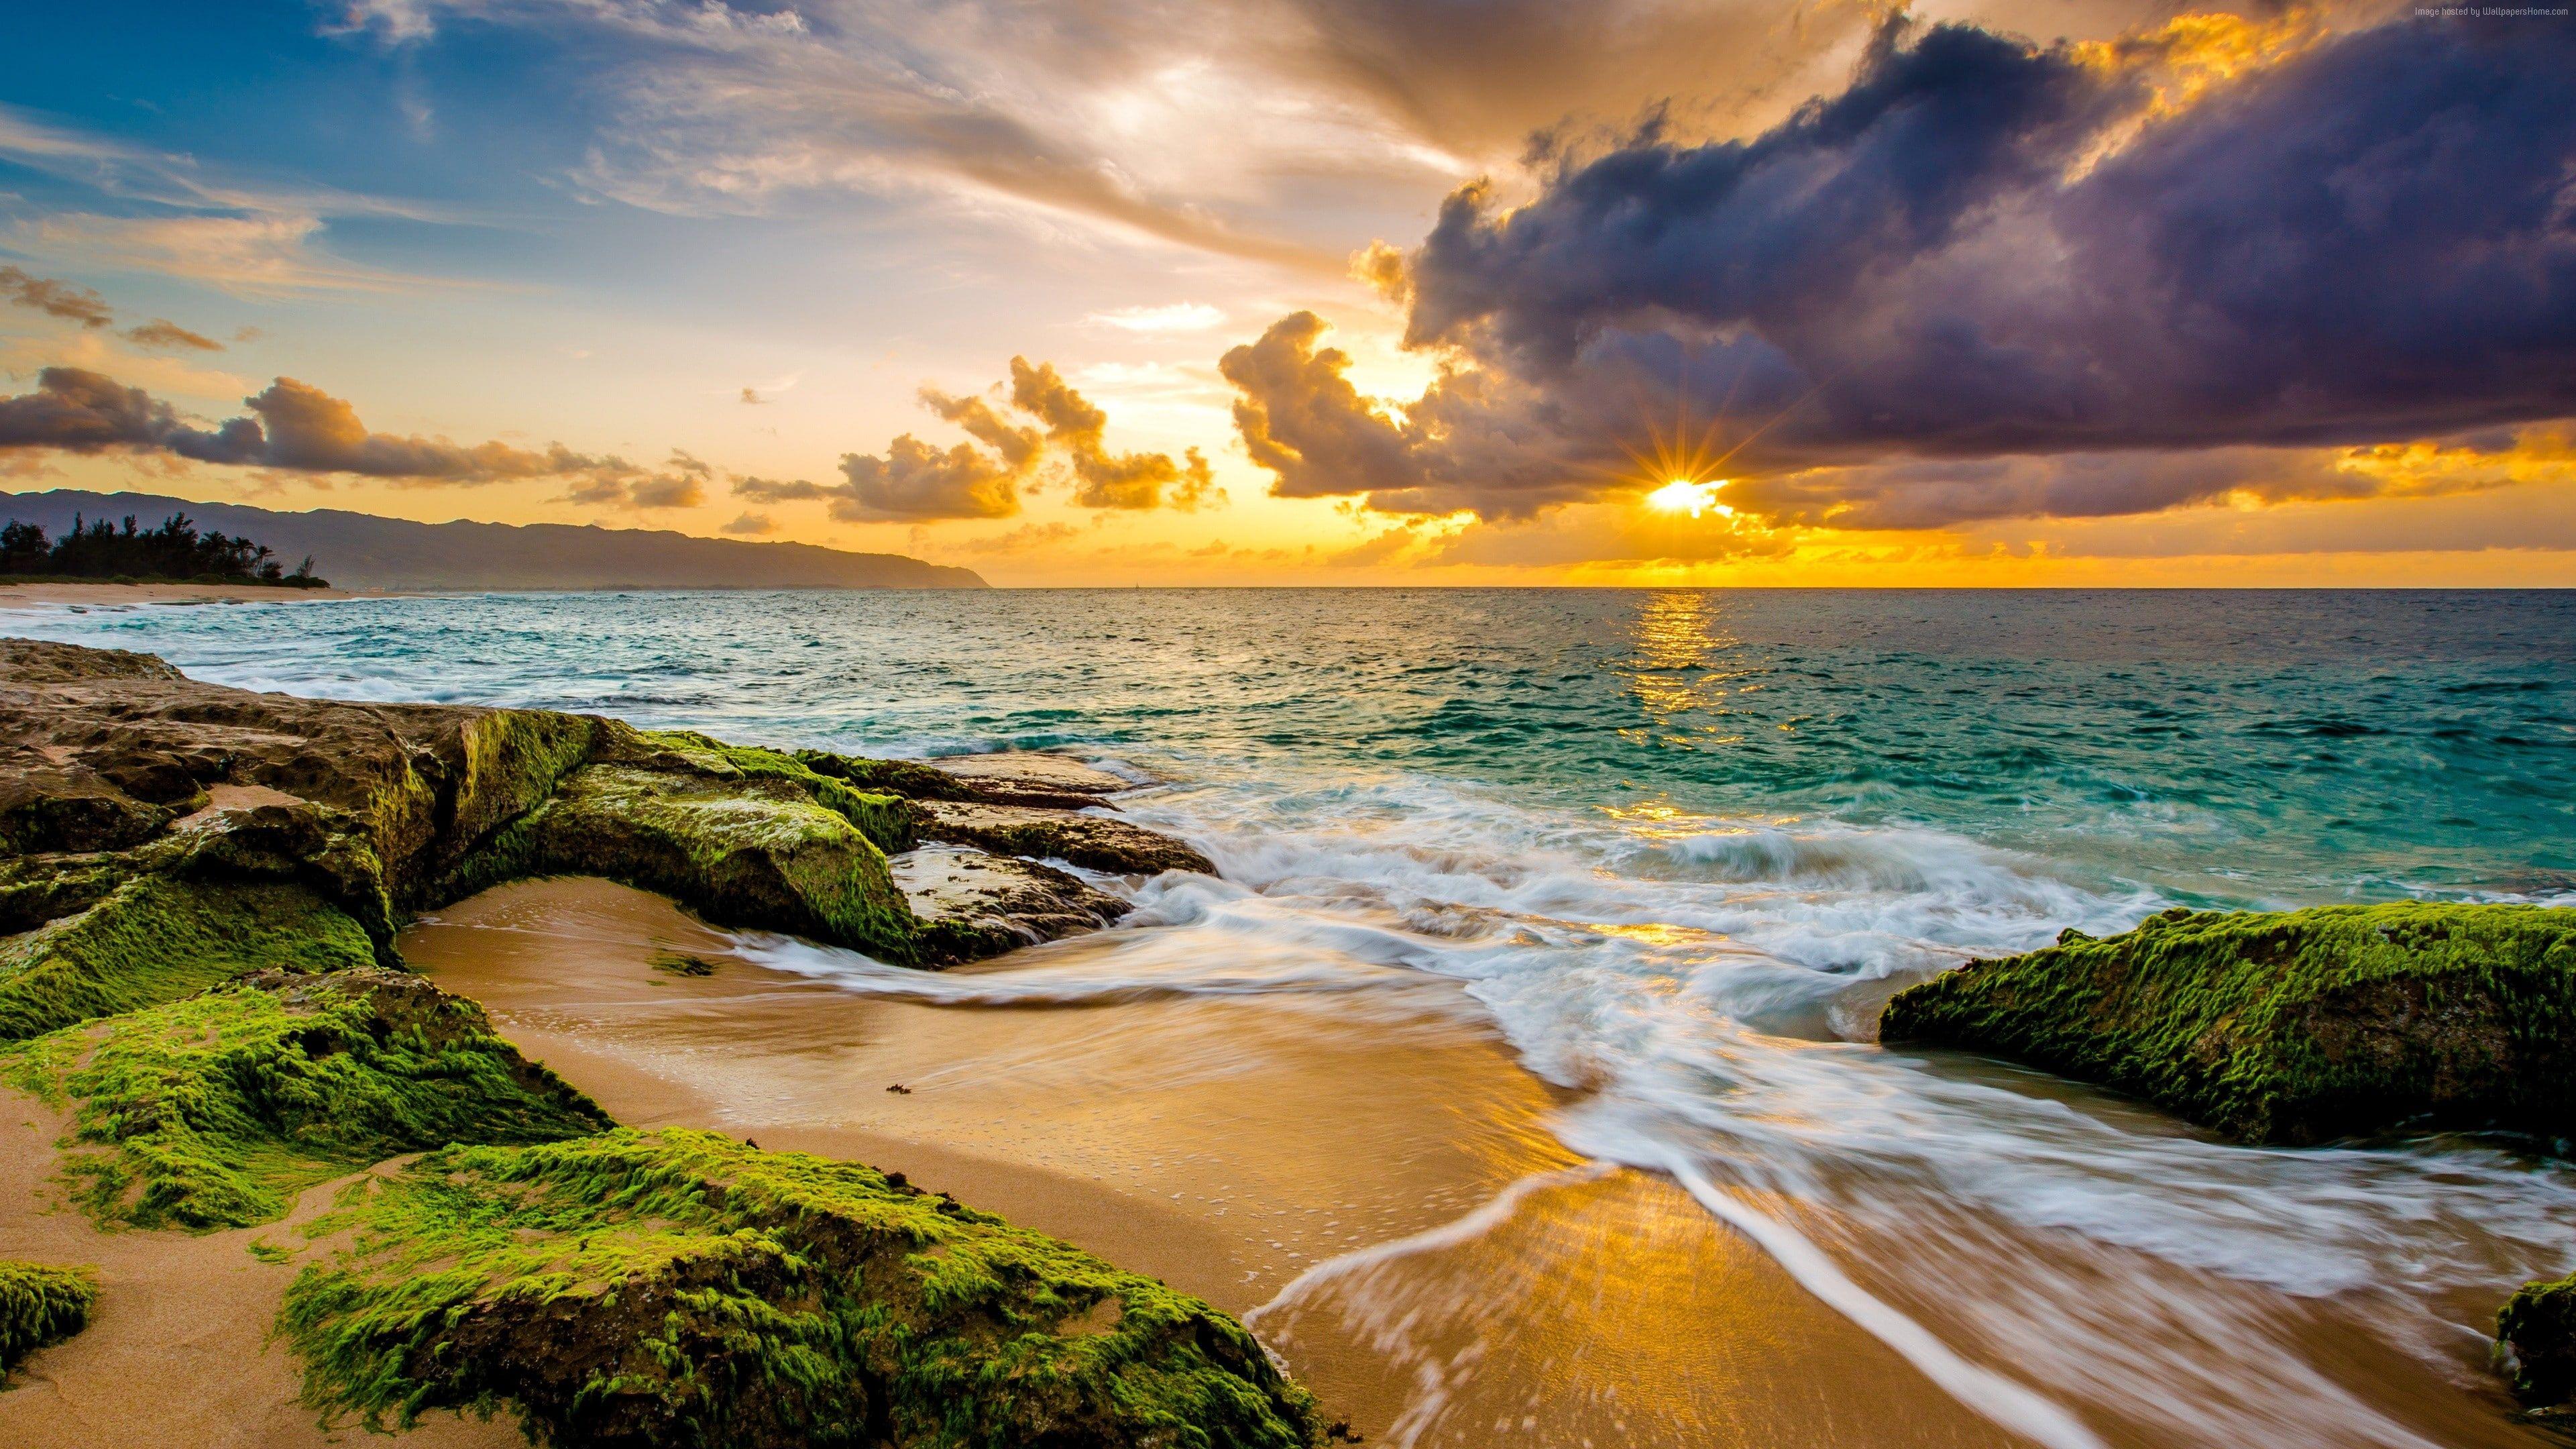 Sky 4k Sunset Hawaii Beach Coast Ocean 4k Wallpaper Hdwallpaper Desktop Sunset Photography Hawaii Beaches Best Honeymoon Destinations